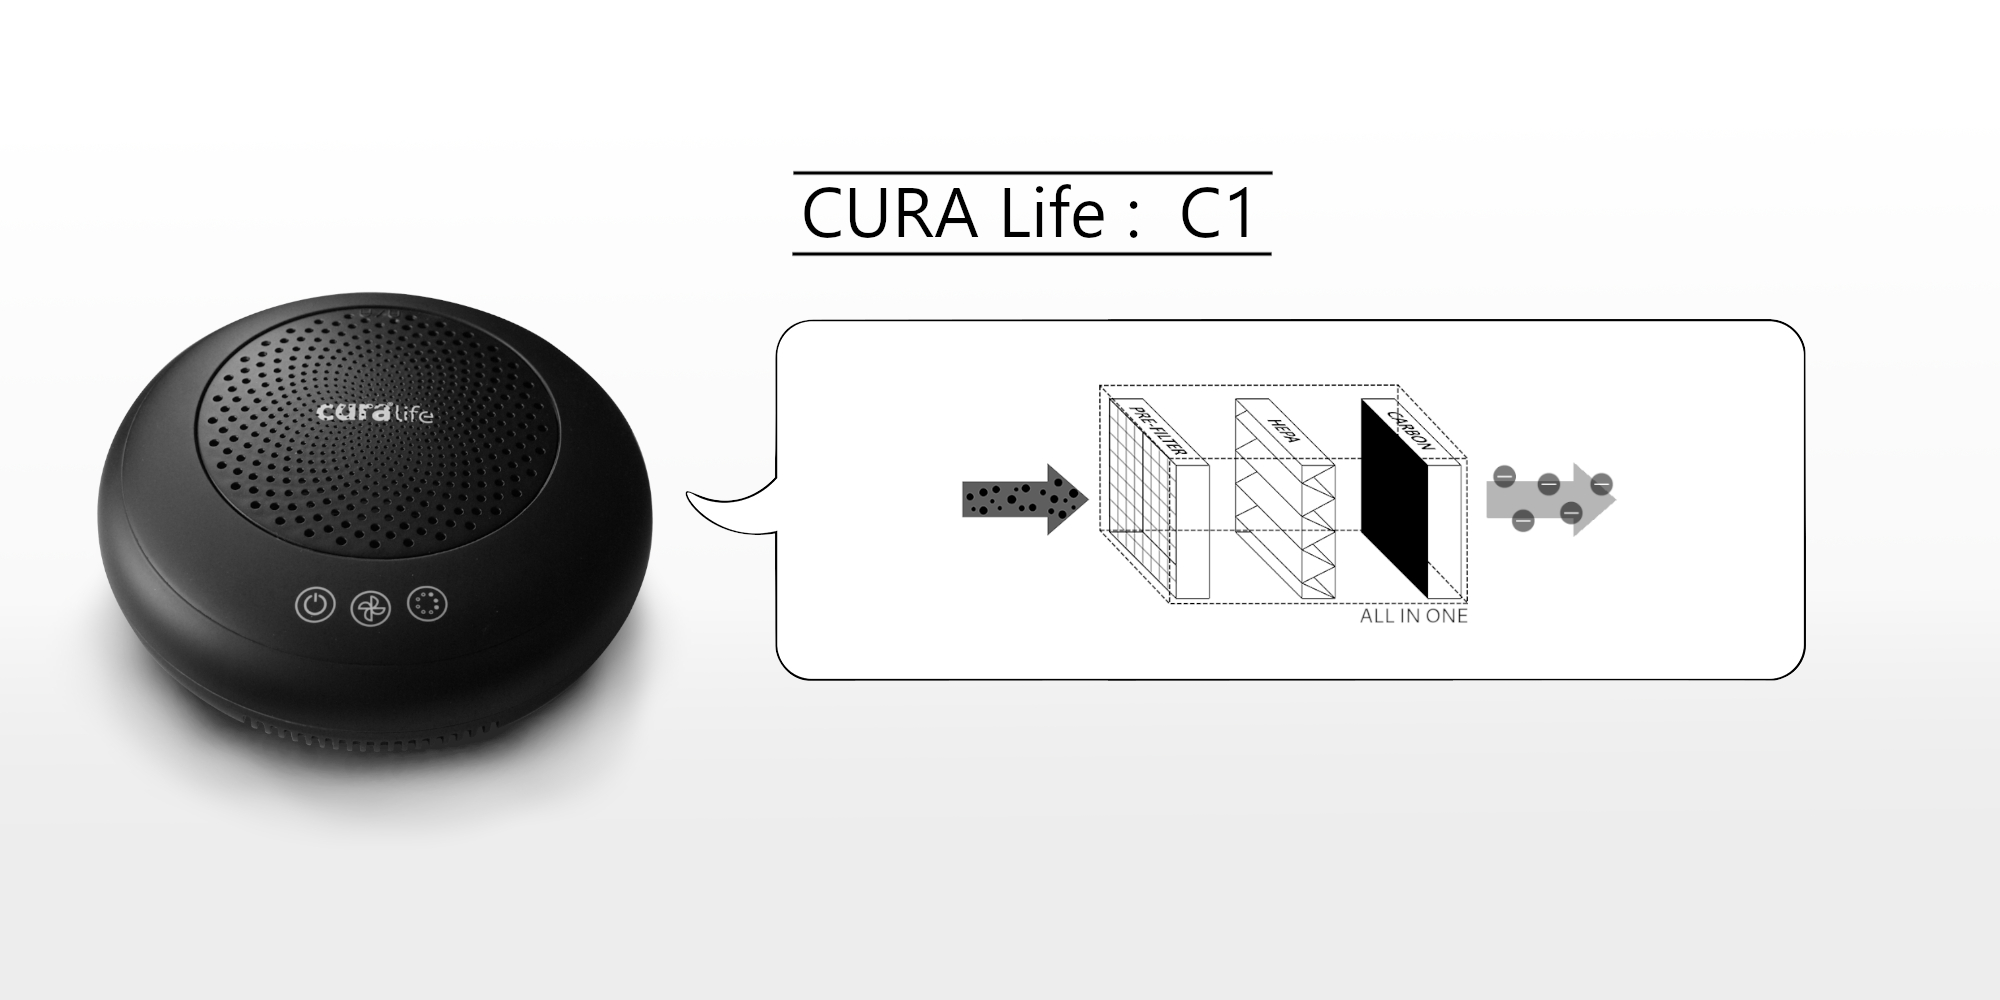 เครื่องฟอกอากาศ กรองกำจัดฝุ่นด้วย ระบบ Pre-Filter และ HEPA filter และดักจับกลิ่นด้วย Activated Carbon ยี่ห้อ CURA Life รุ่น C1 Air Purifier สามารถดักจับฝุ่นละเอียดระดับ PM 2.5 ได้มากกว่า 99%